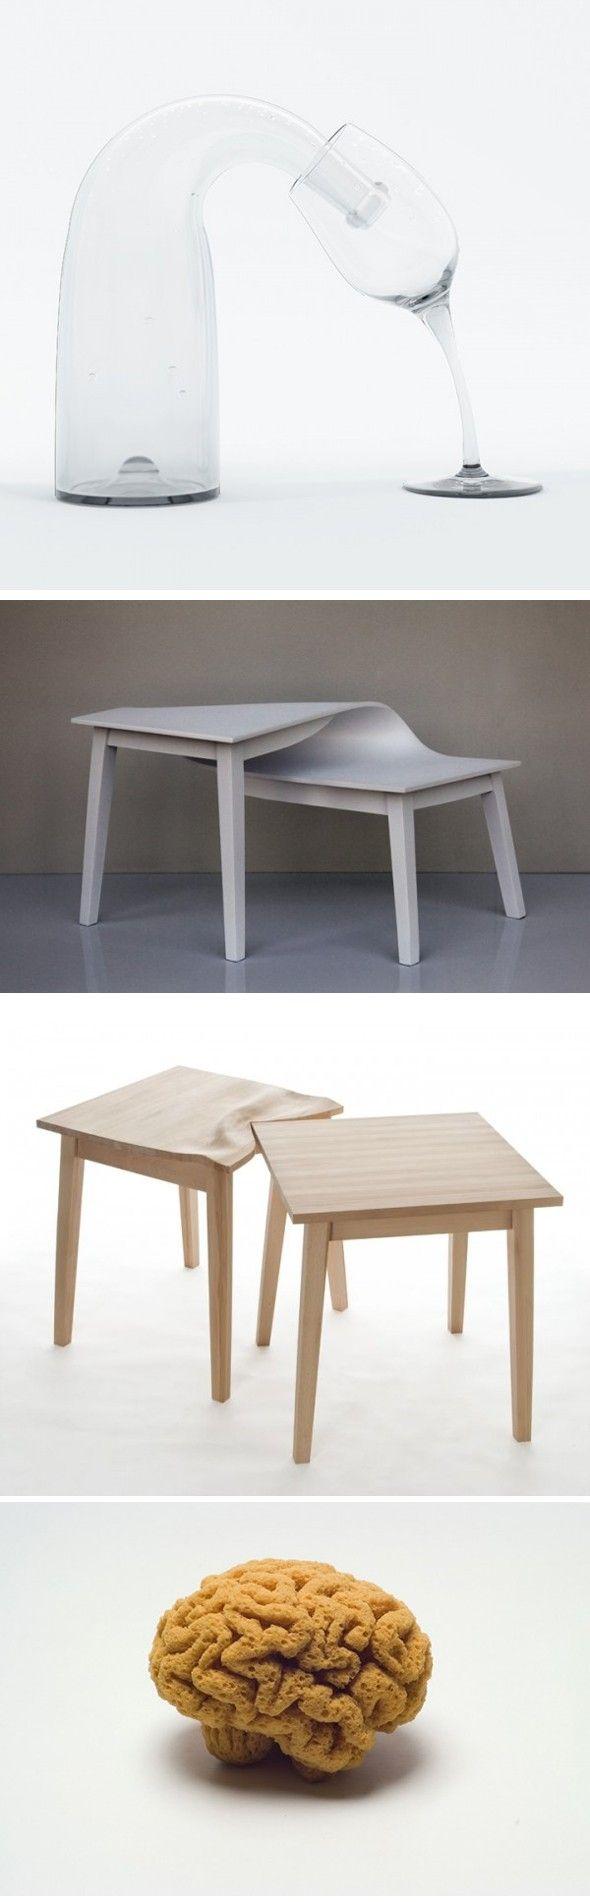 L'artiste française Suzy Lelievre, basée à Paris, transforme les objets du quotidien en forme incongrue. Elle s'approprie et métamorphose tous les éléments de la domesticité, le plus humble outil prend, chez elle, des voies de traverse.  Adepte de la dérive et du détournement poétique, elle interprète à sa manière l'avenir de ces objets qui, parfois, ne restent qu'au stade de projet virtuel. //design d'objet //déformation //détournement d'une éponge